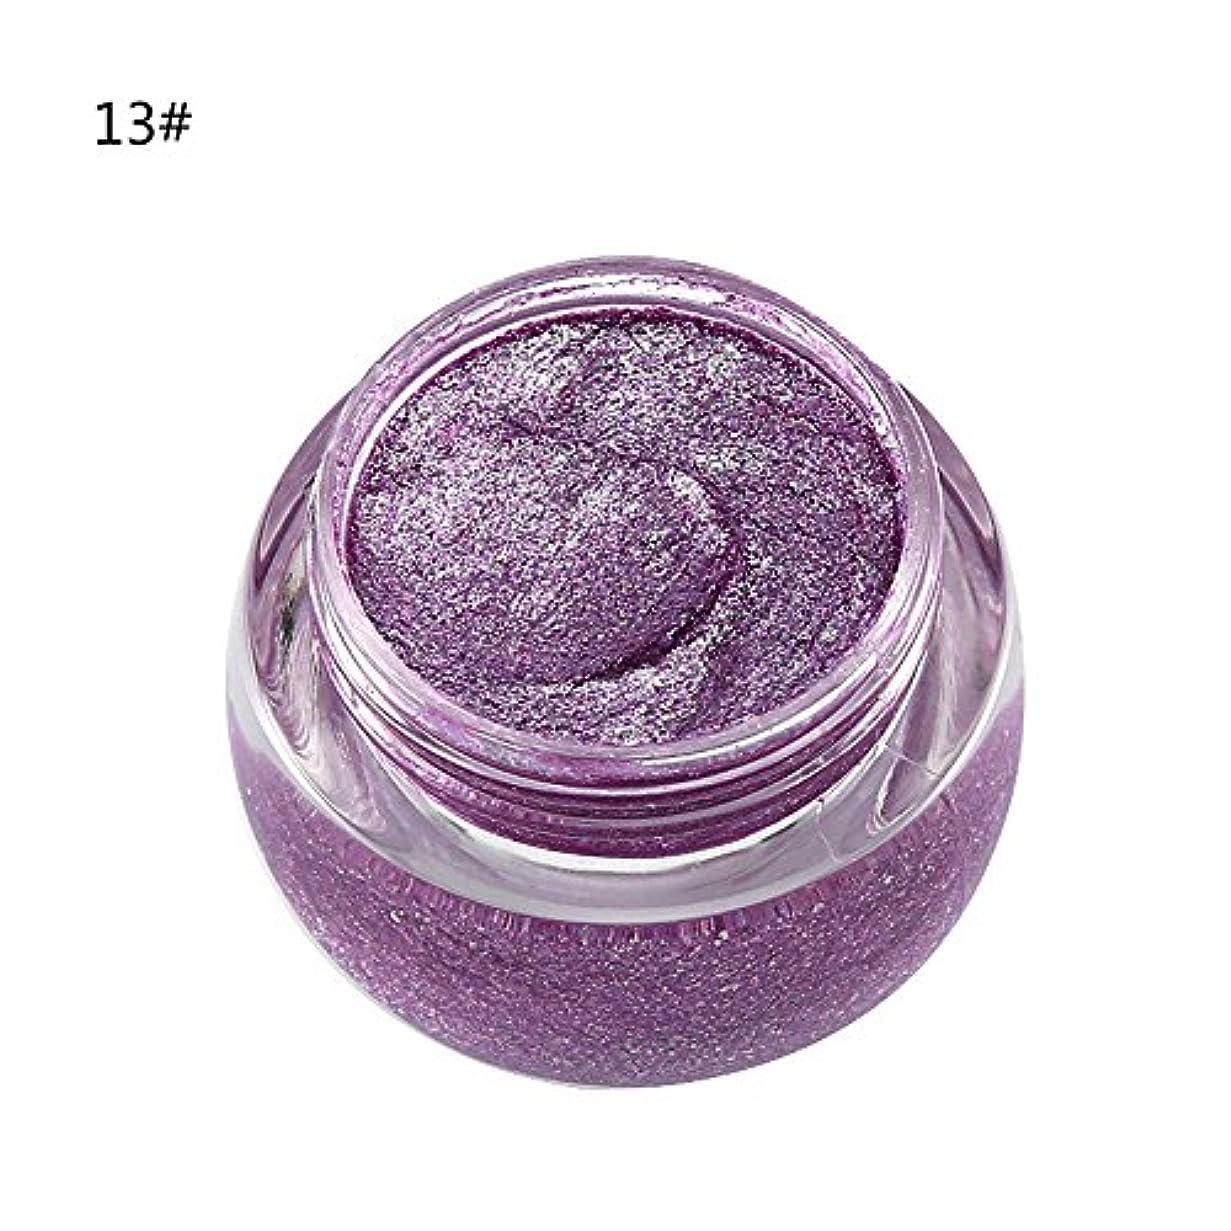 薬剤師大胆病的アイシャドウ 単色 化粧品 光沢 保湿 キラキラ 美しい タイプ 13